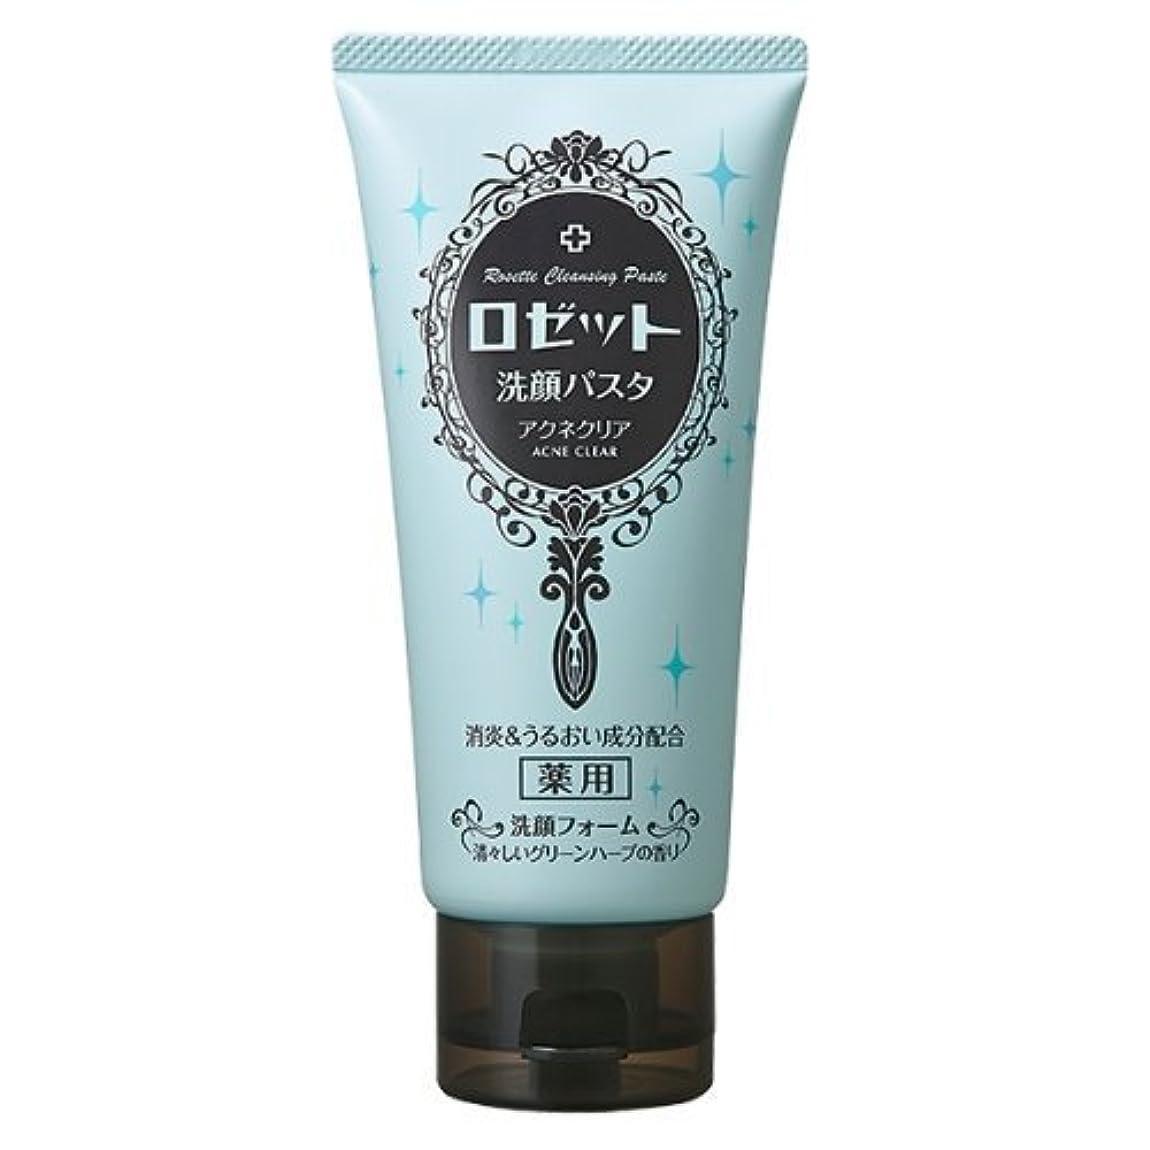 歌療法より良いロゼット 洗顔パスタ アクネクリア 120g